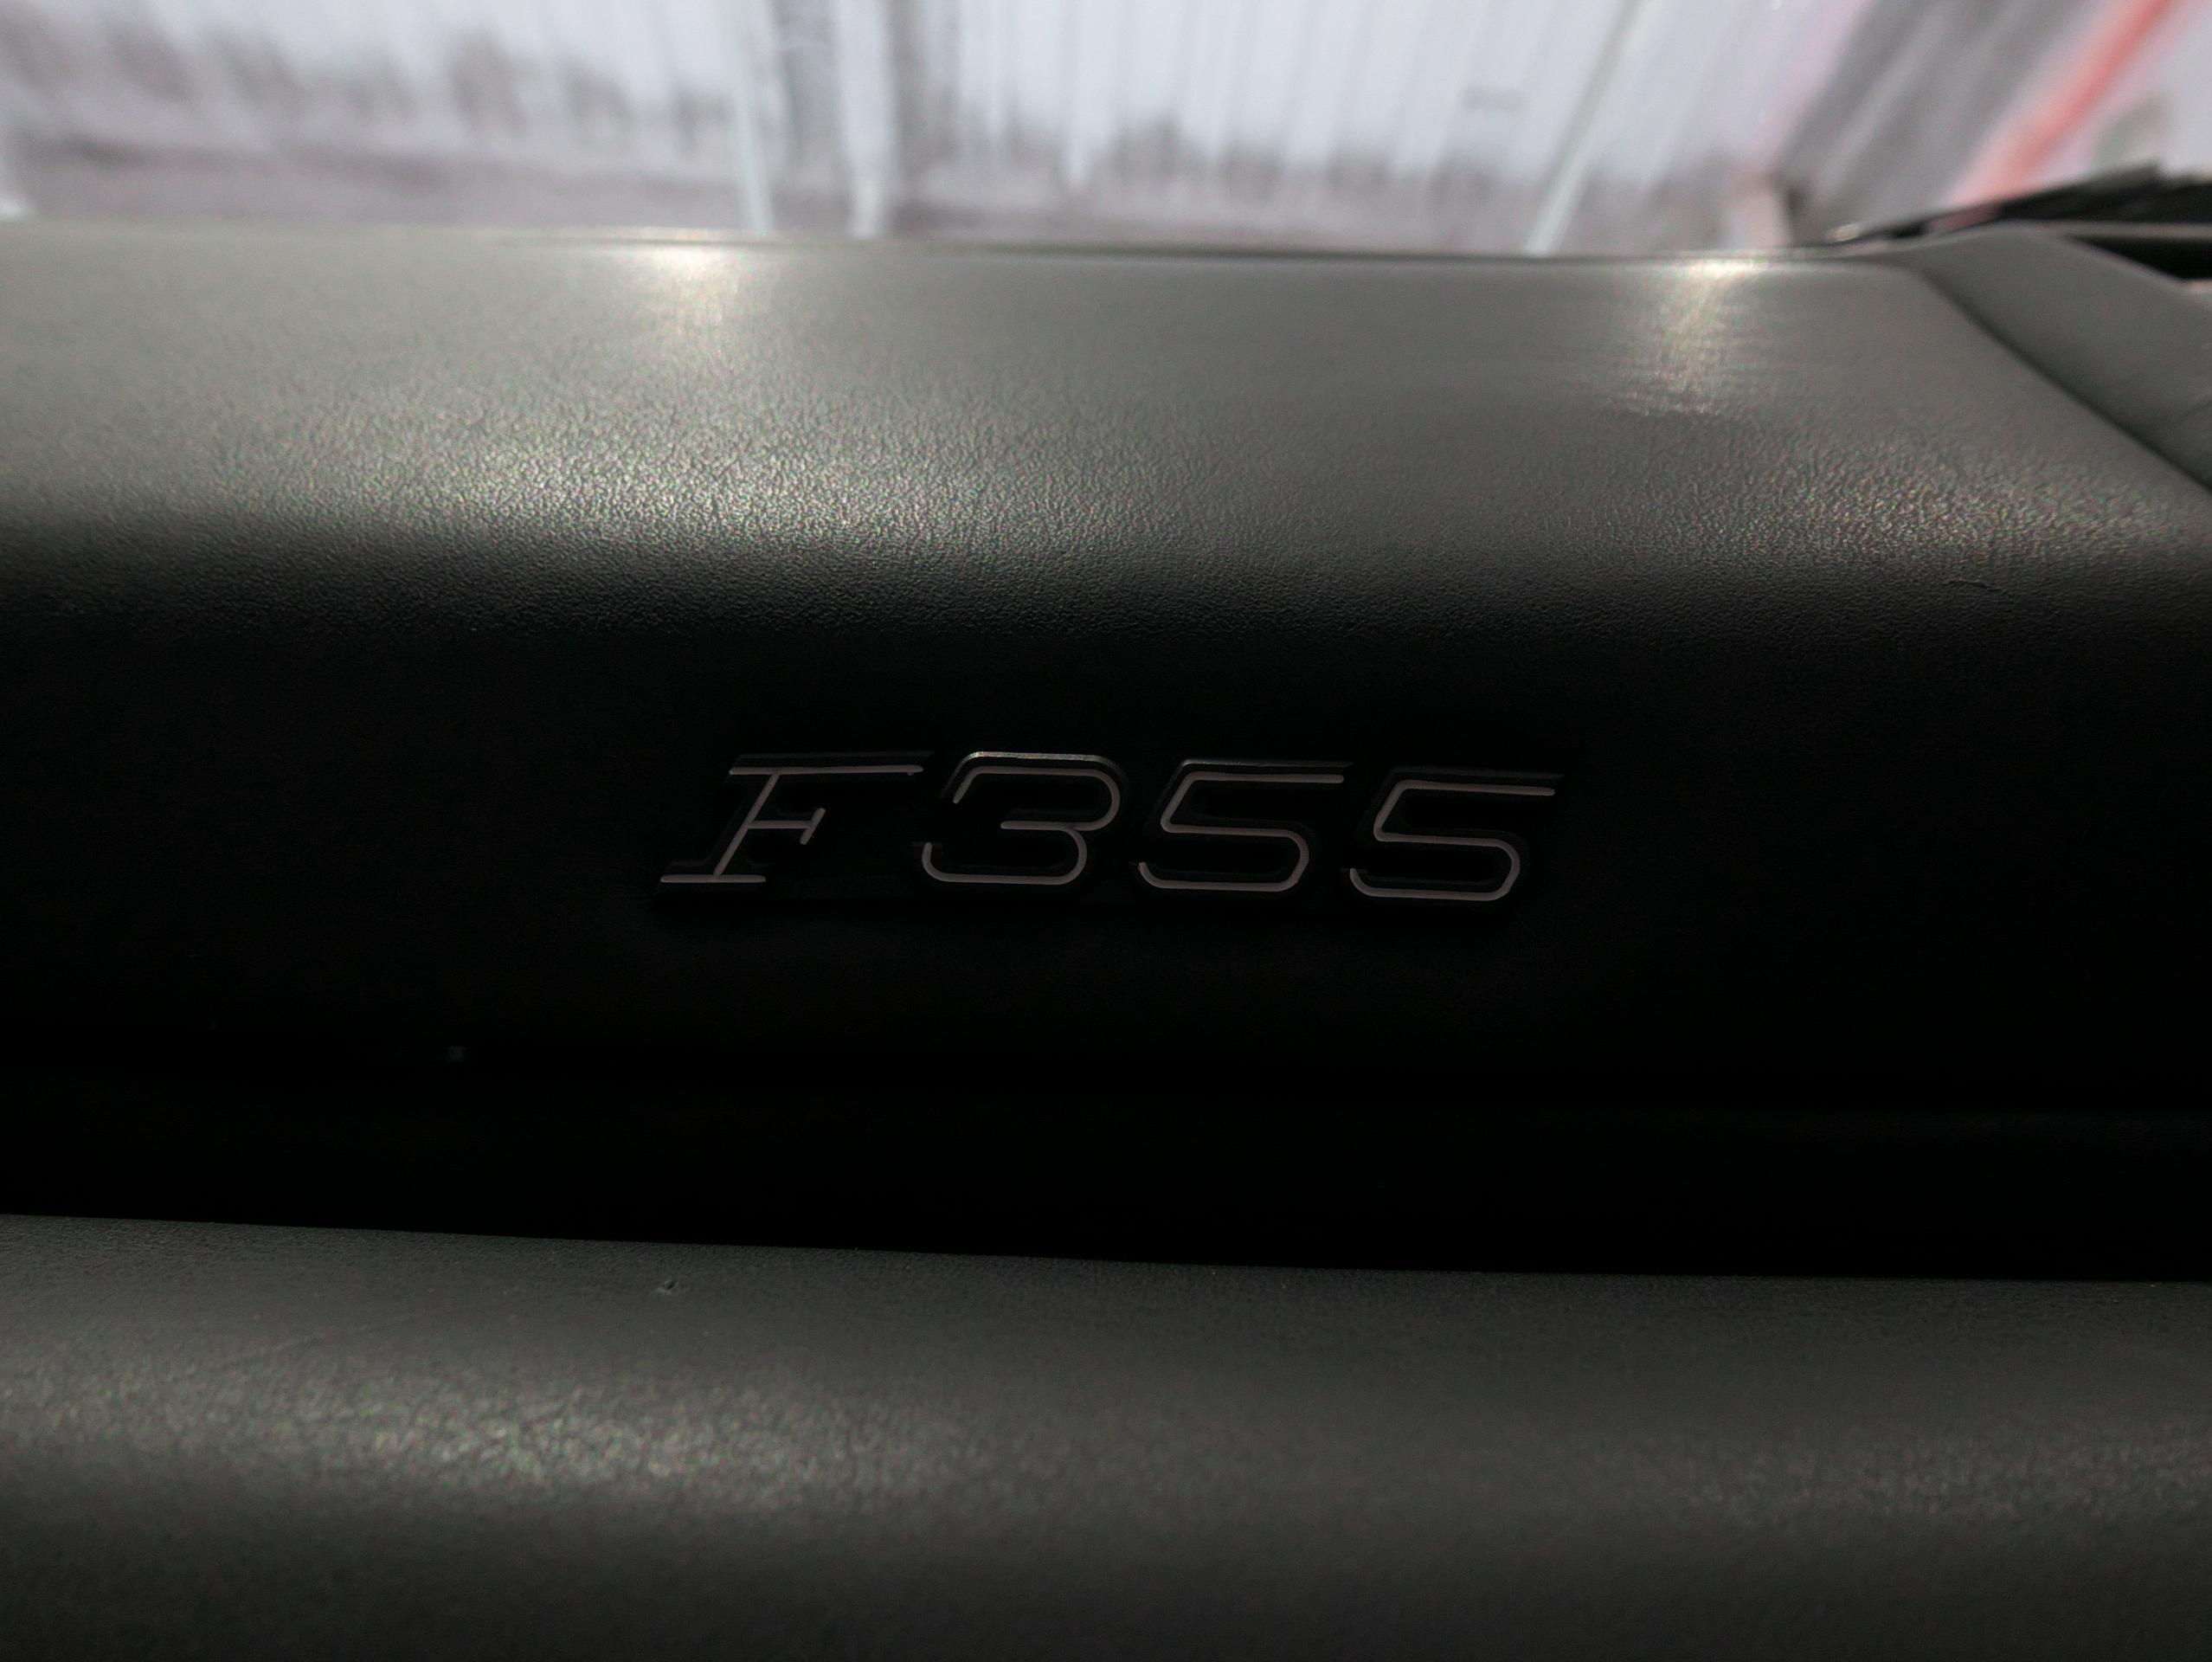 フェラーリ F355 ベルリネッタ バッジ